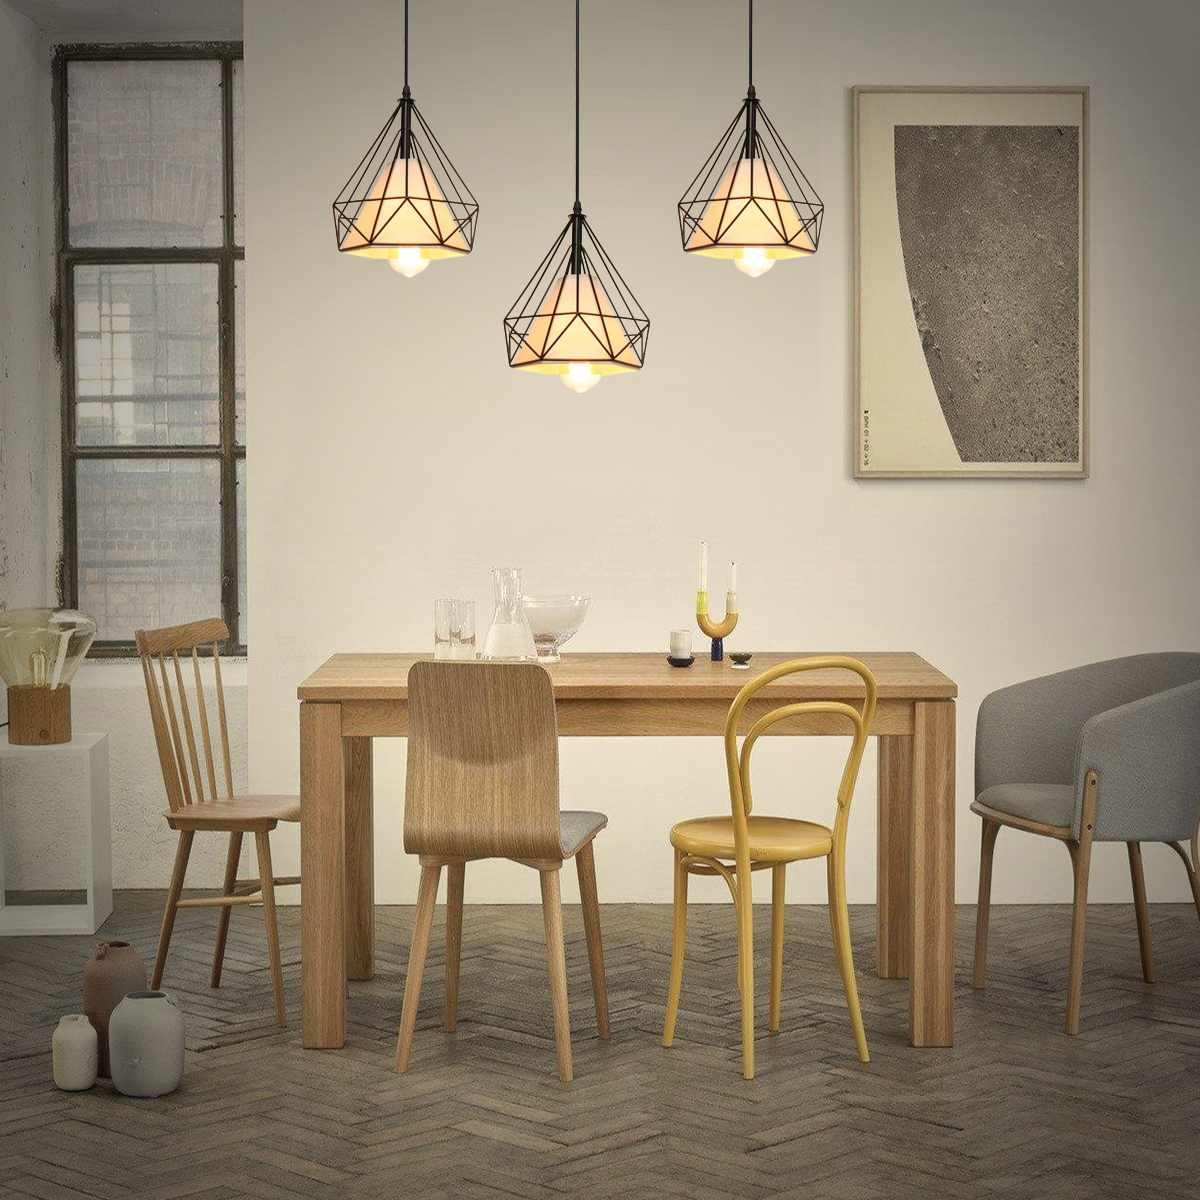 3 cabeças e27 moderna barra de luz pingente restaurante pendurado luminária decoração para casa chá padaria iluminação interior quadrado redondo